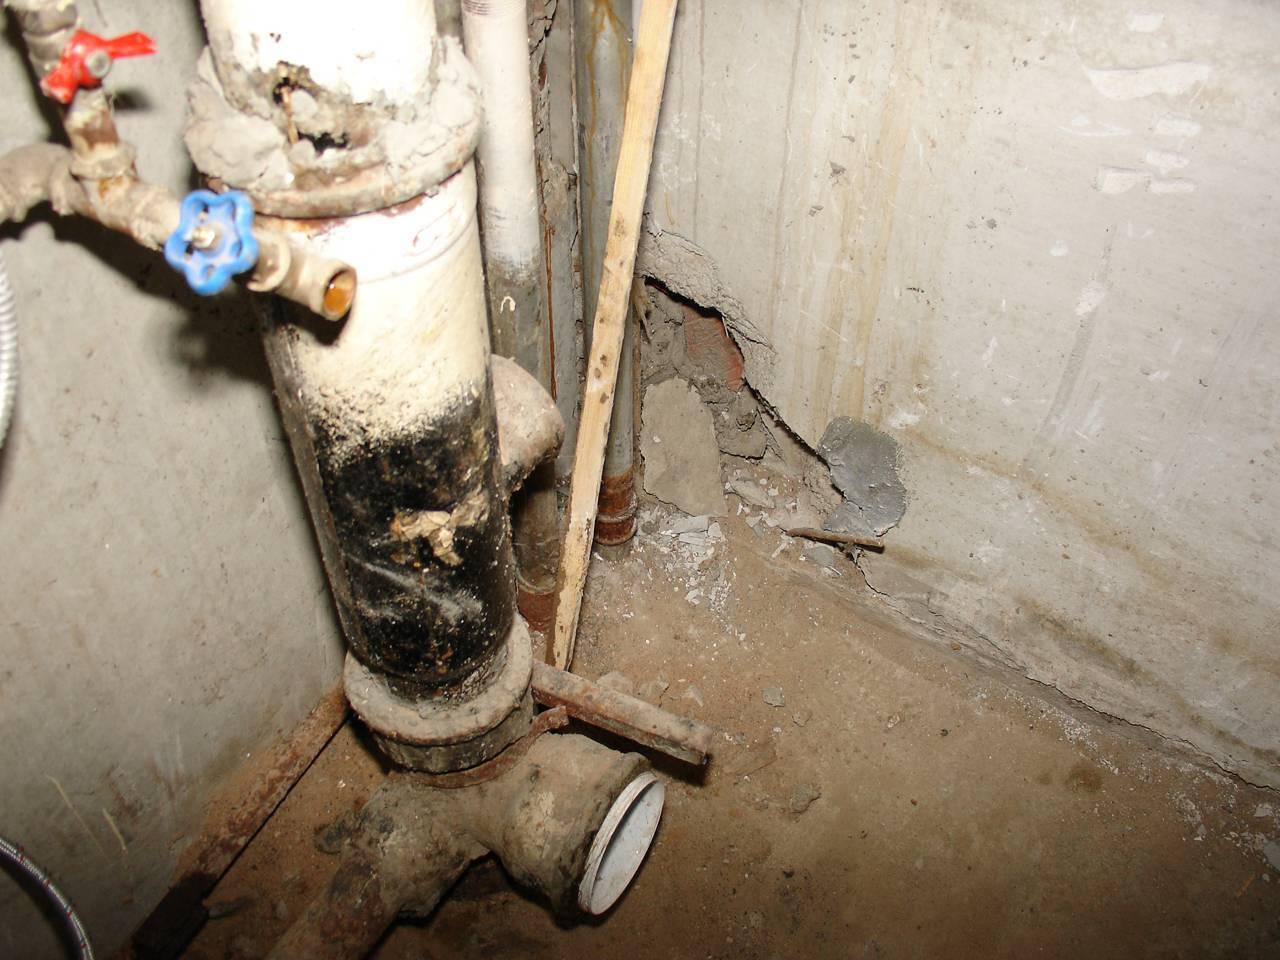 Замена стояка канализации в квартире своими руками